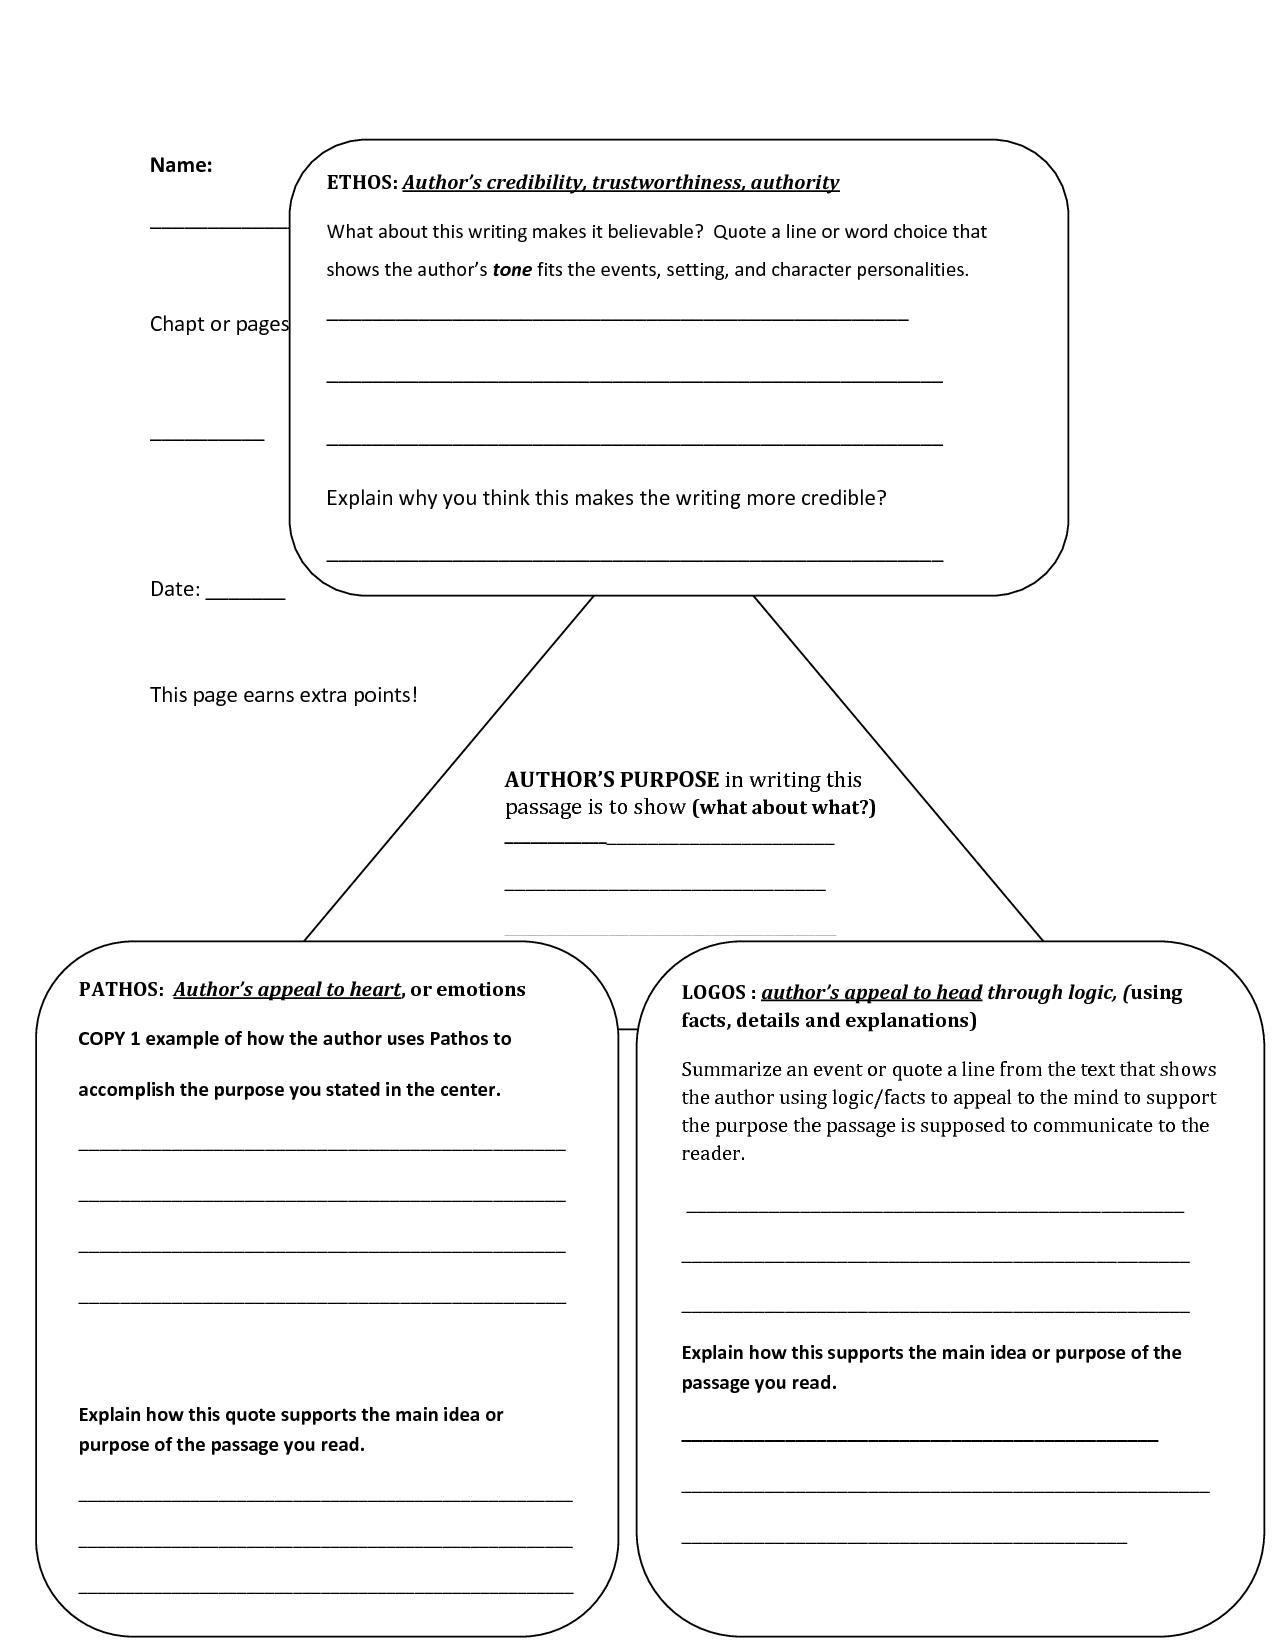 Rhetorical Triangle Worksheet